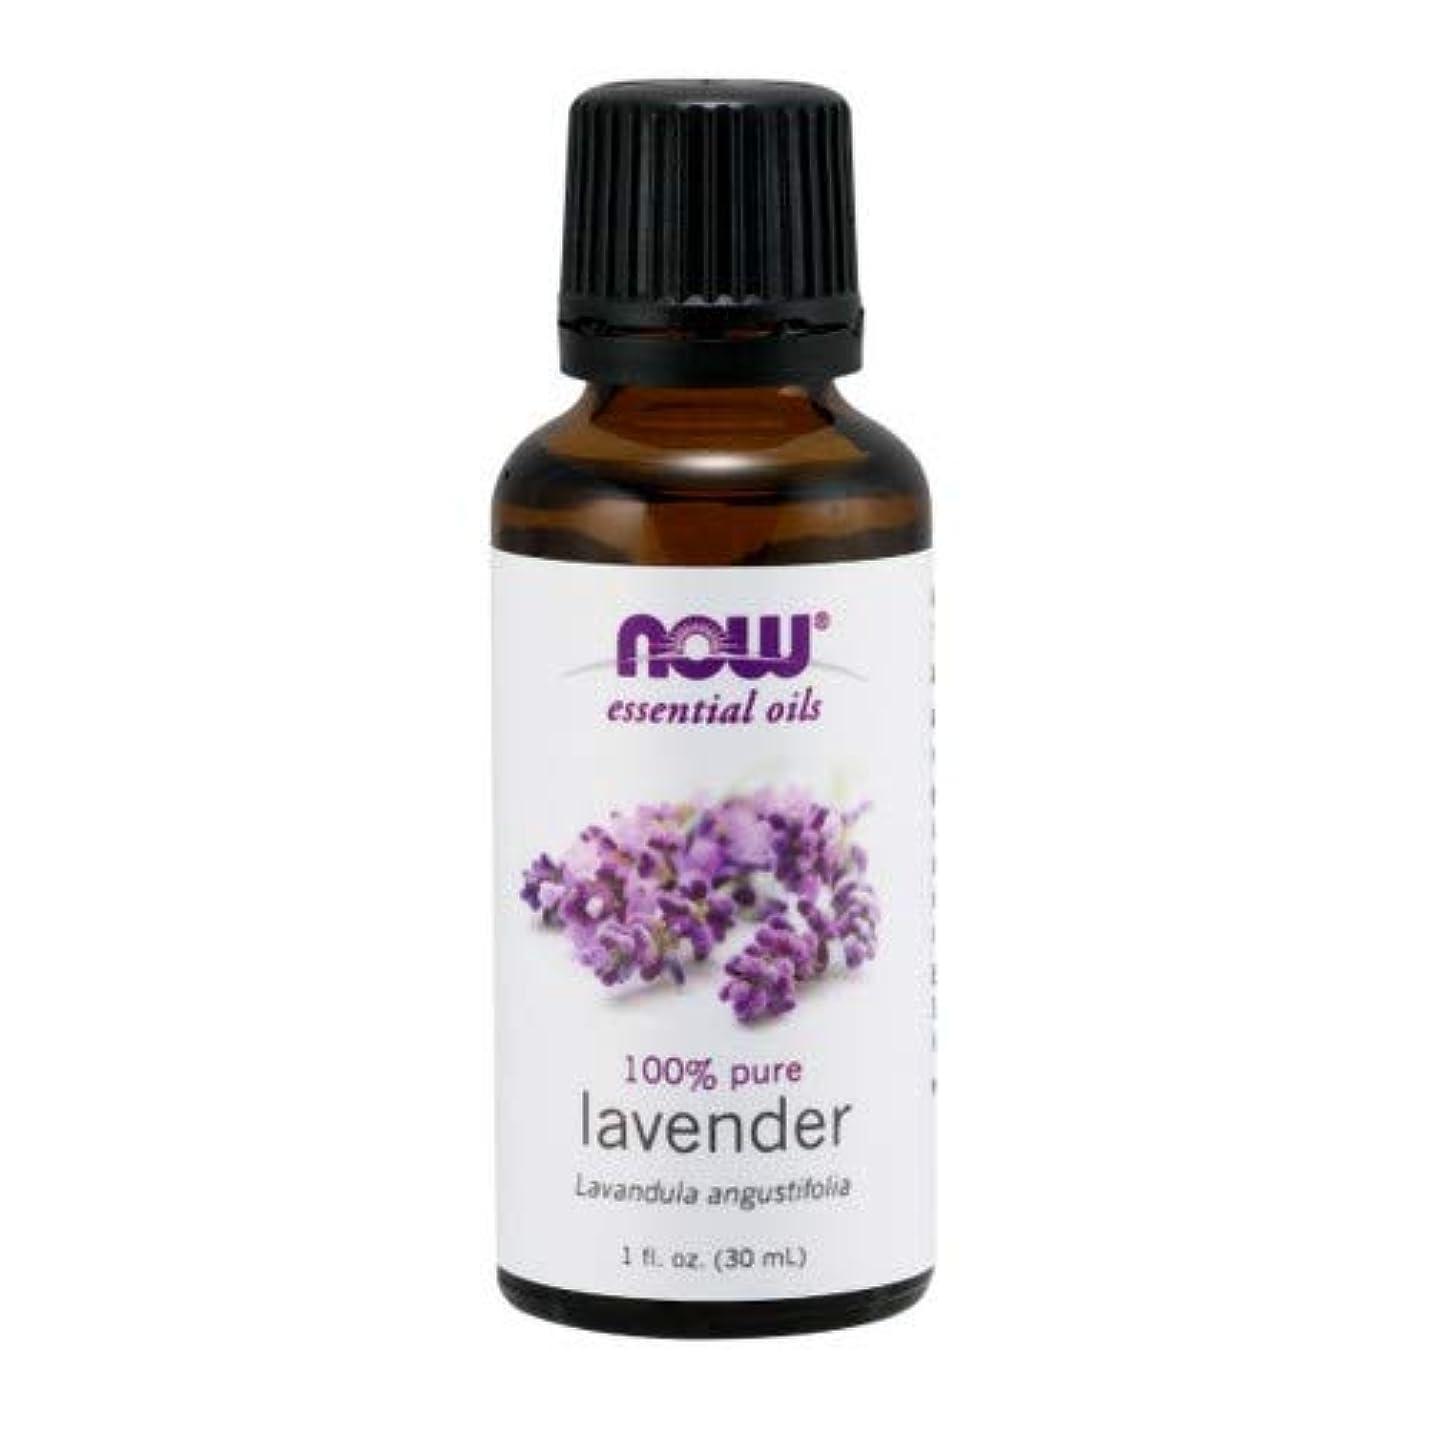 明日刺します時計エッセンシャルオイル ラベンダーオイル 30ml 2個セット ナウフーズ 並行輸入品 NOW Foods Essential Oils Lavender 1 oz Pack of 2